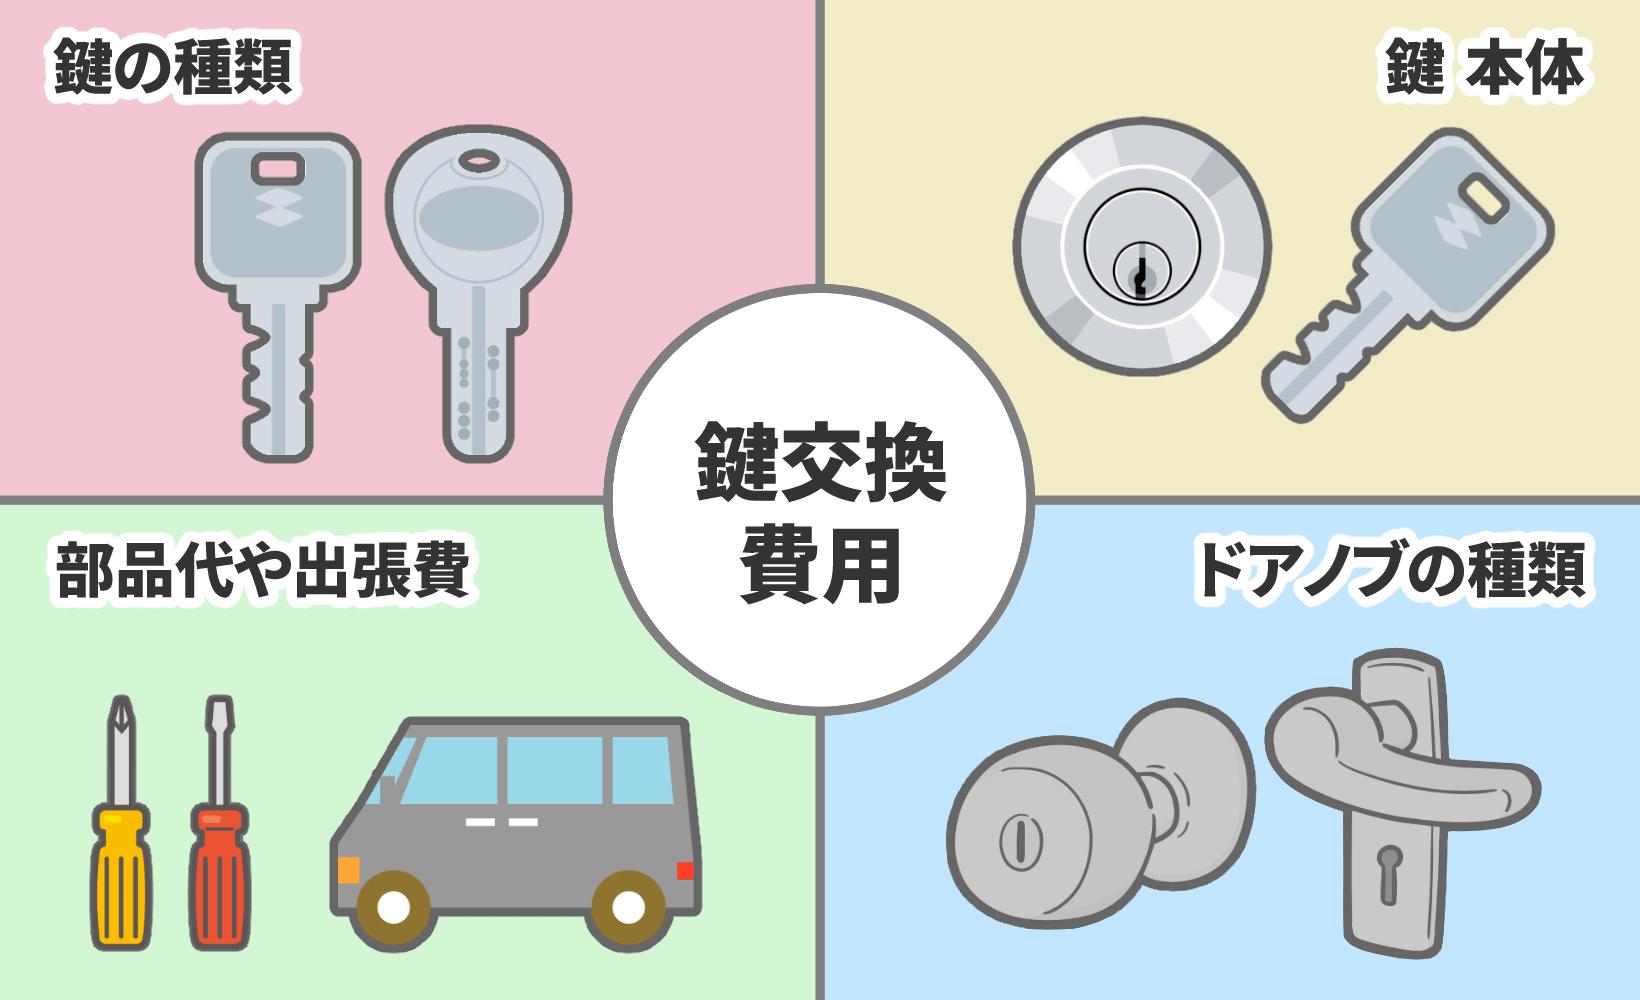 鍵交換にかかる費用は、鍵の種類、鍵本体、作業費や出張費、ドアノブの種類によって決まります。